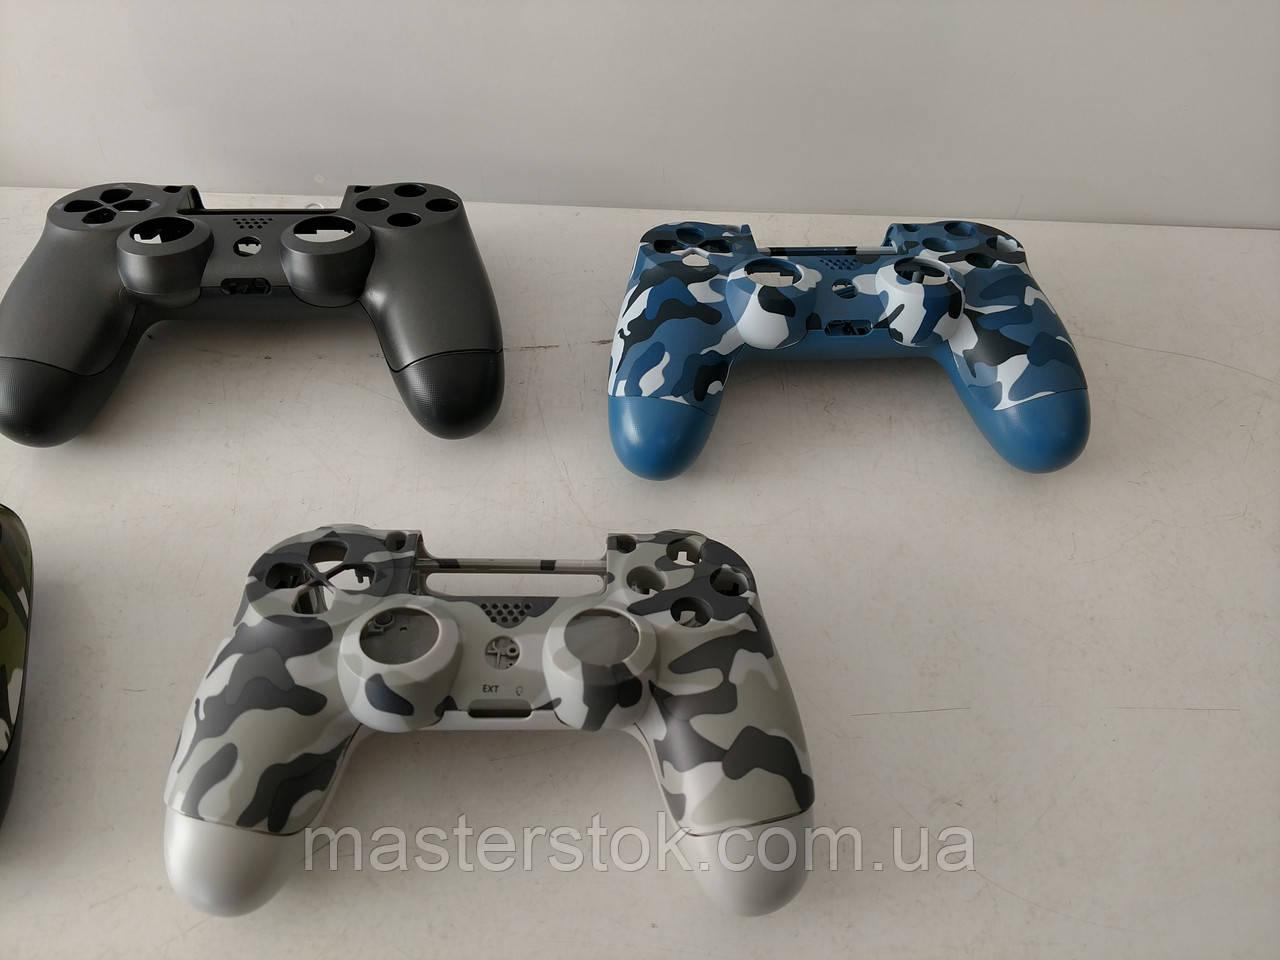 Новые корпуса для джойстиков Playstation 4 ( Pro/Slim JDM 040, JDS-040 4